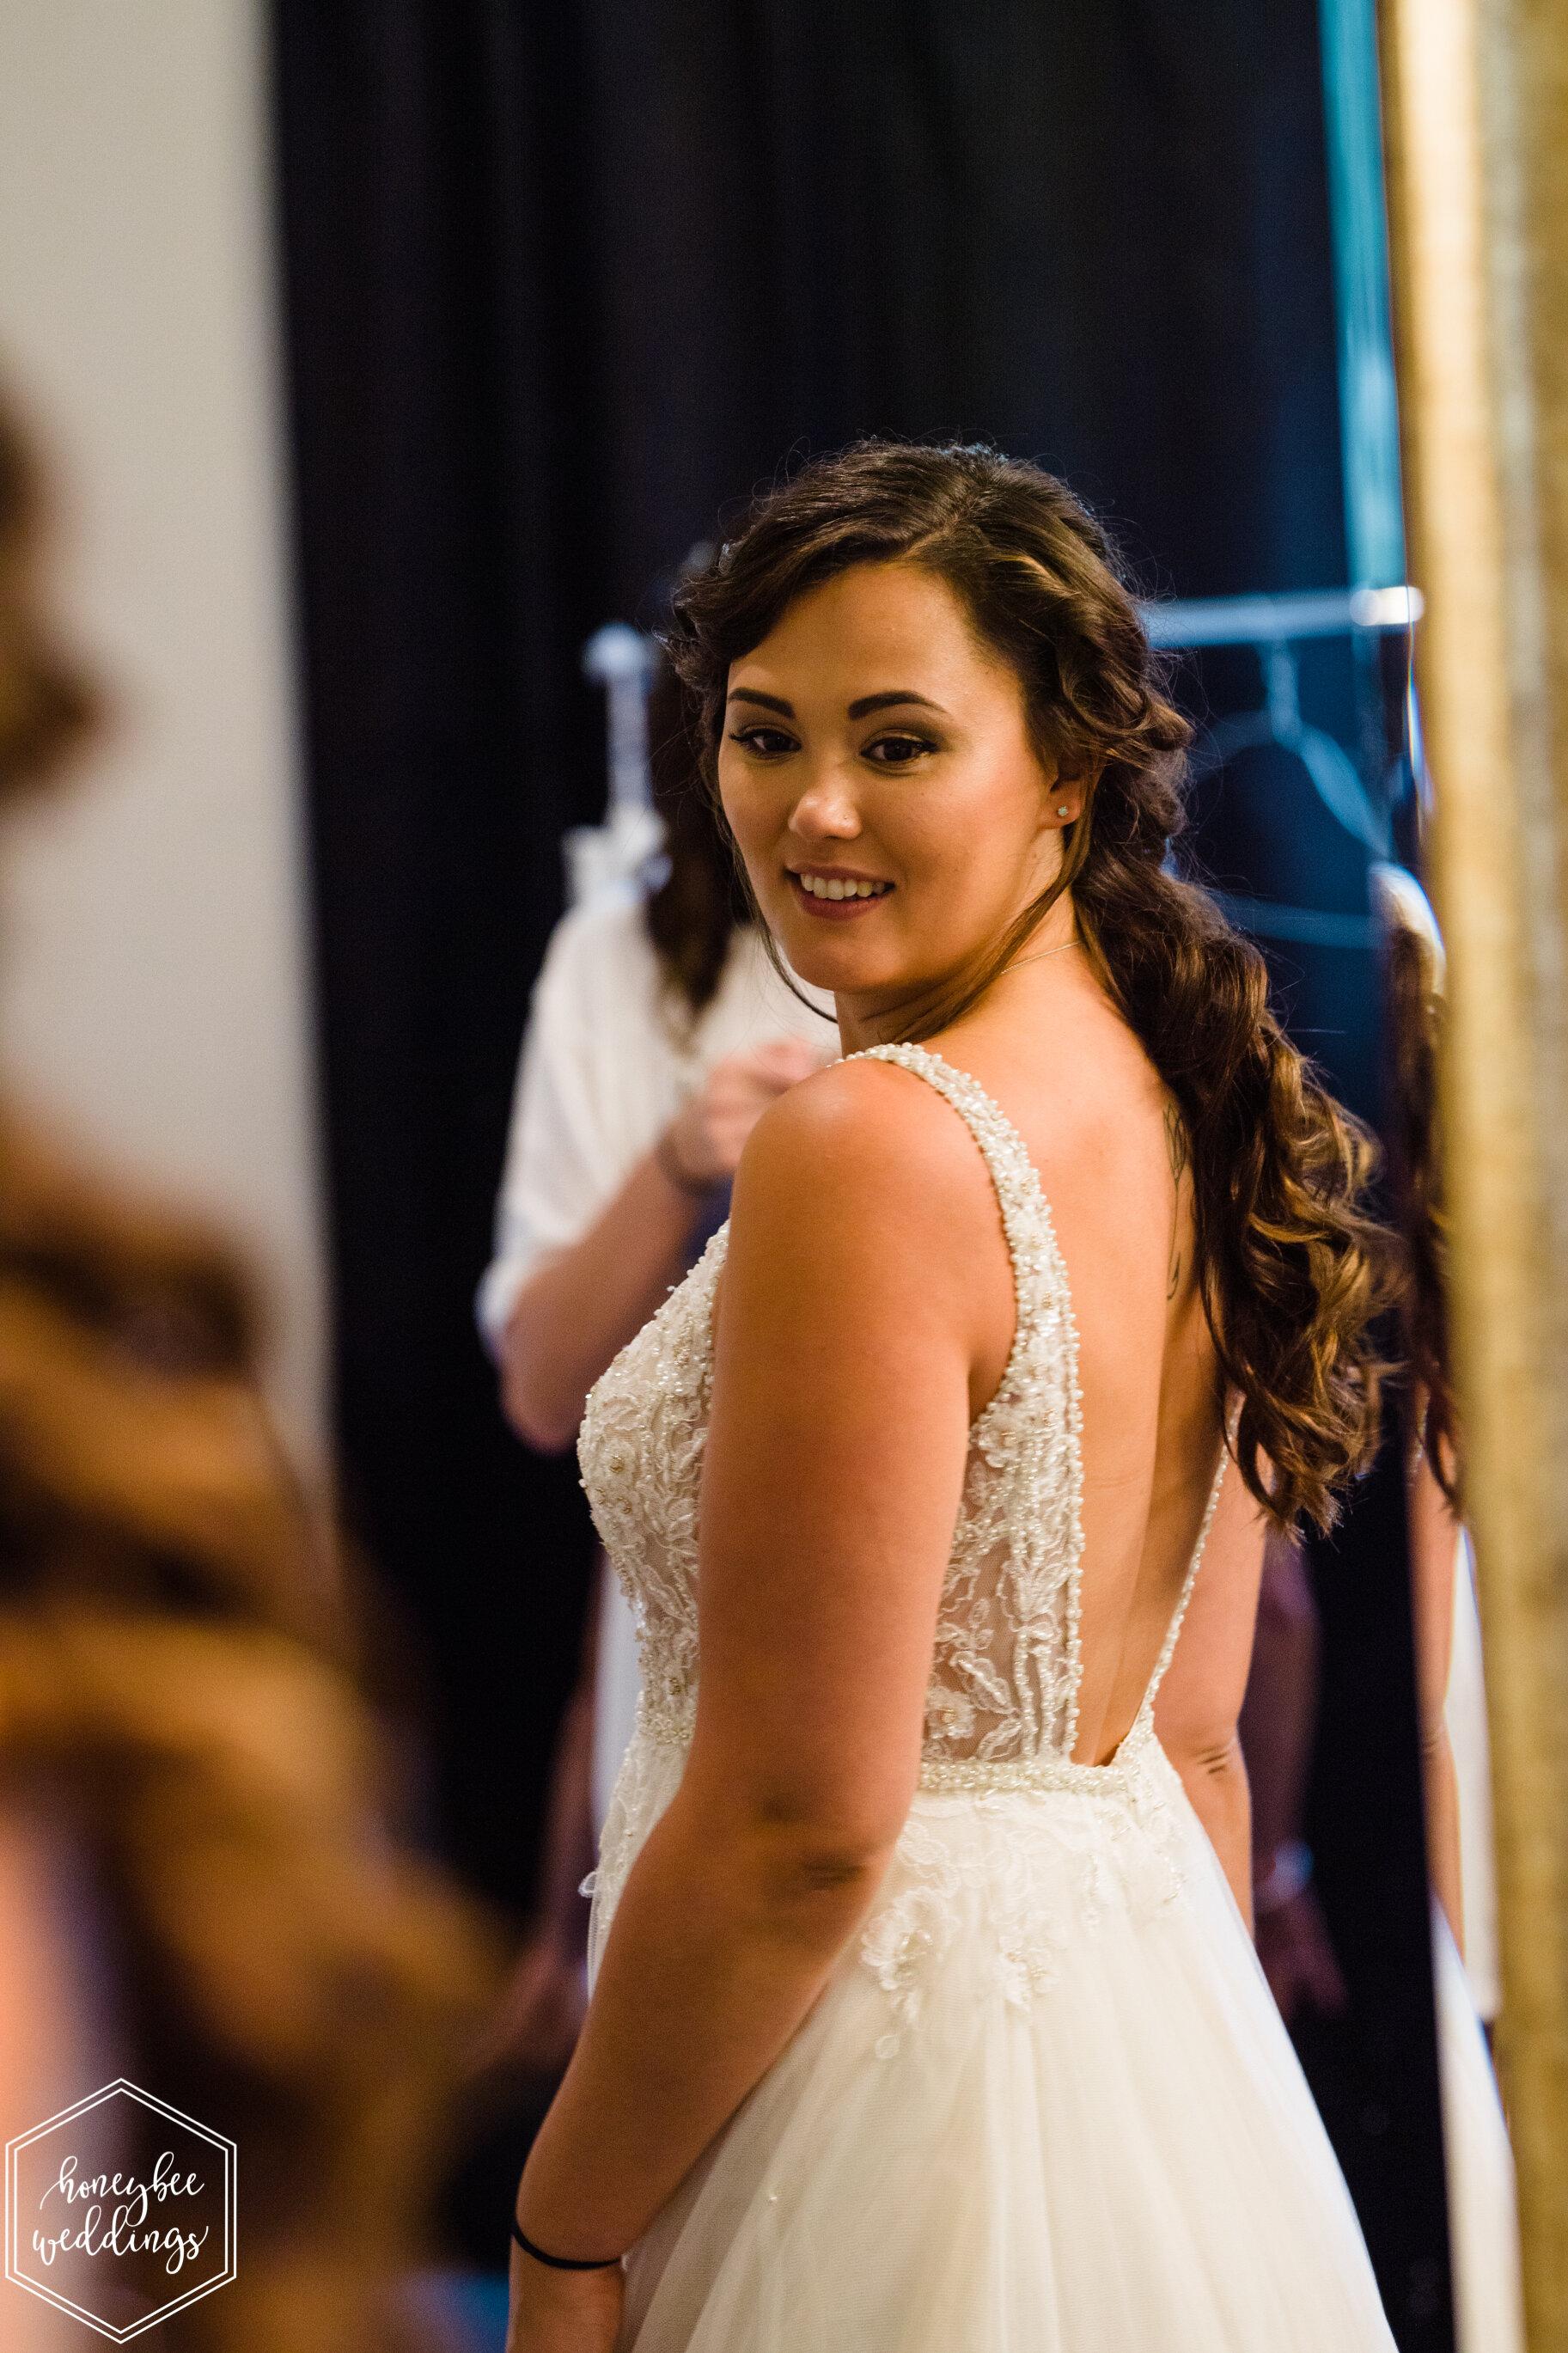 020White Raven Wedding_Montana Wedding Photographer_Corey & Corey_Honeybee Weddings_September 06, 2019-2013.jpg